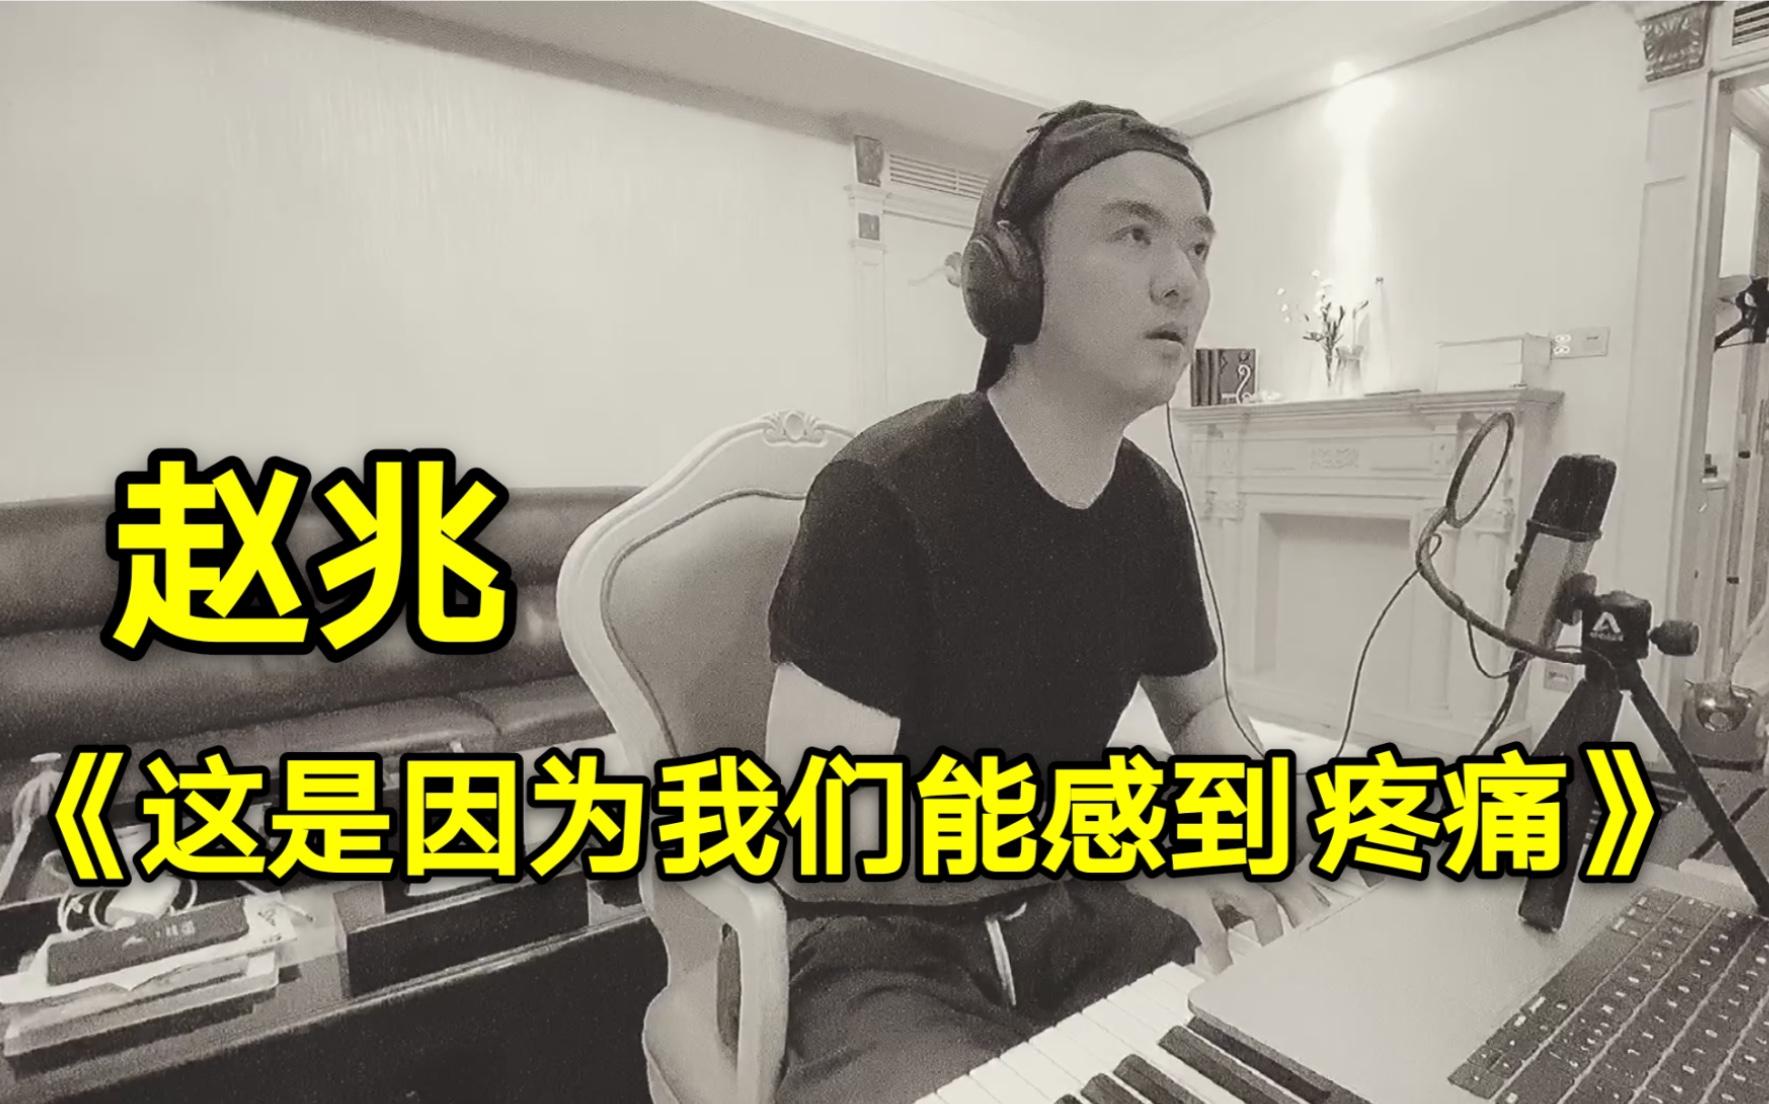 【赵兆】制作人亲自改编演唱姐姐第二次公演的歌曲你们有没有感到疼痛